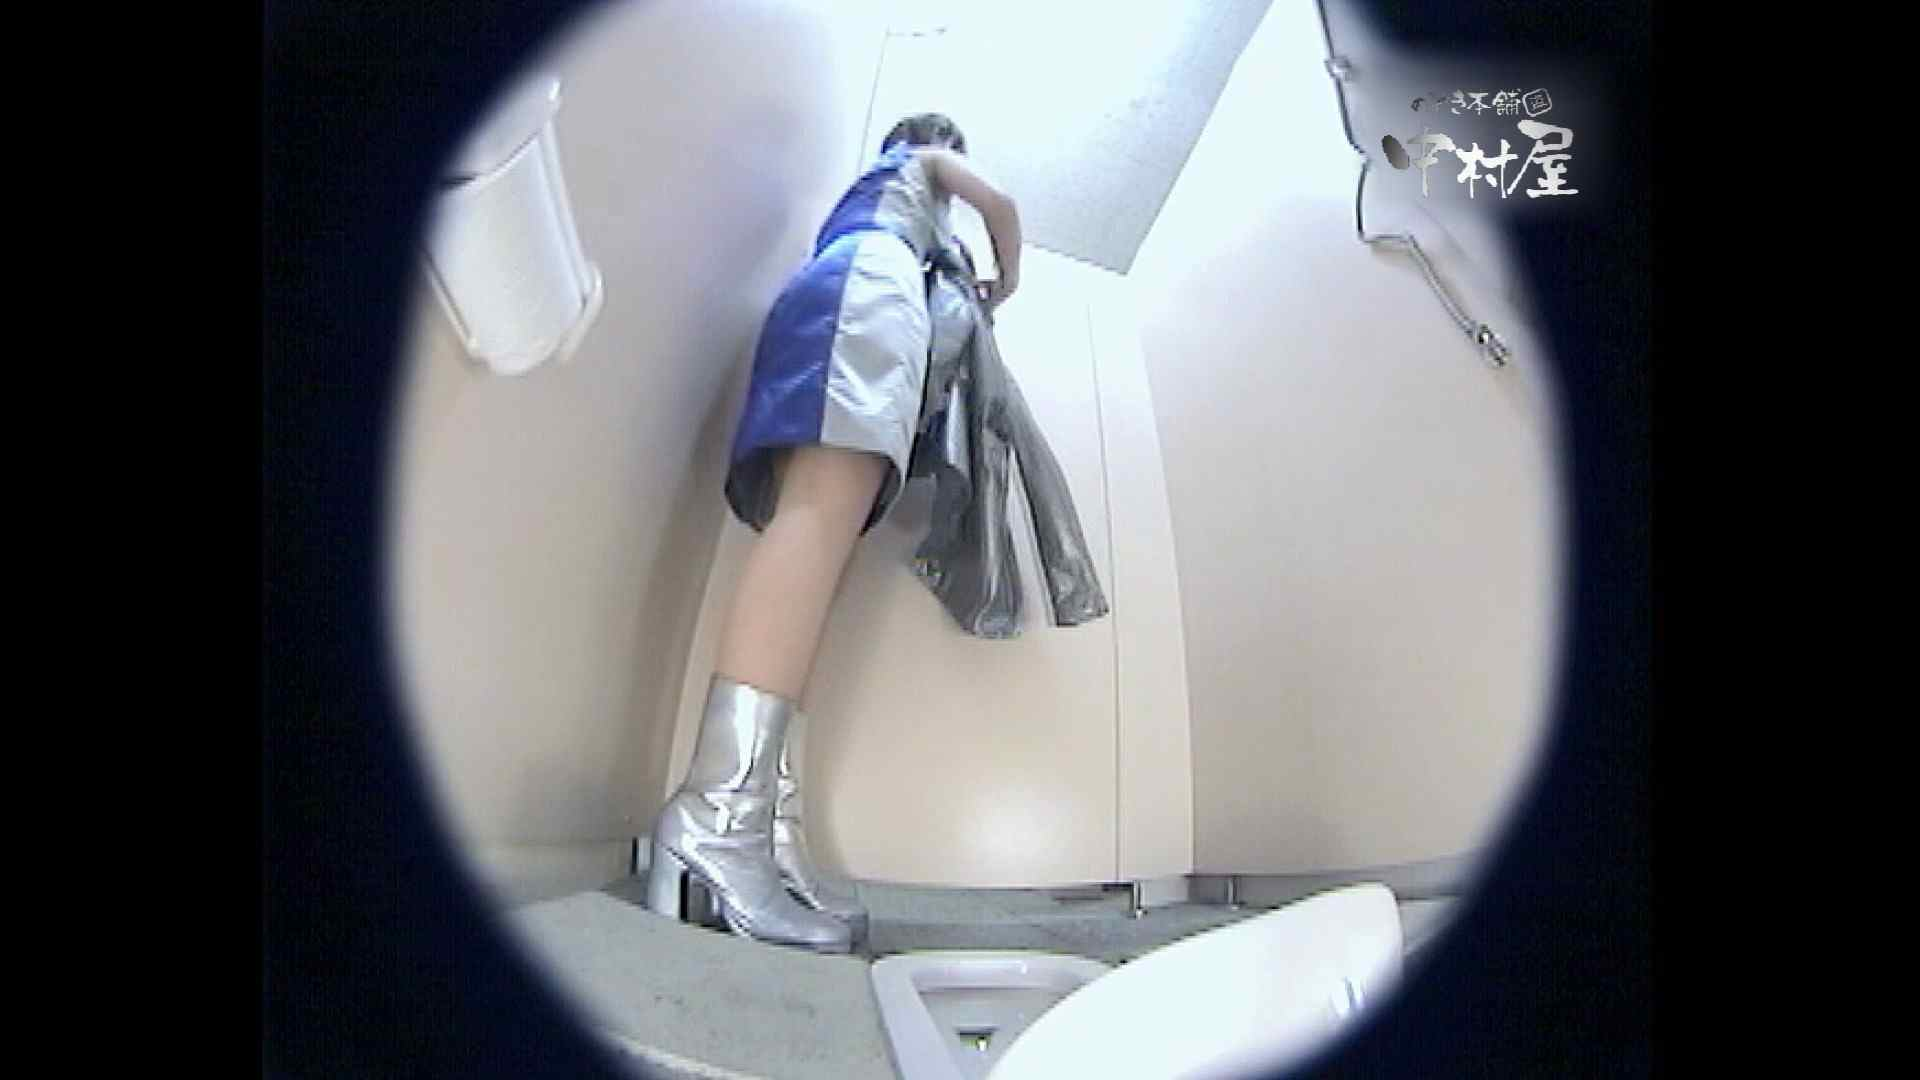 レースクィーントイレ盗撮!Vol.05 レースクィーンヌード | トイレ  89画像 23